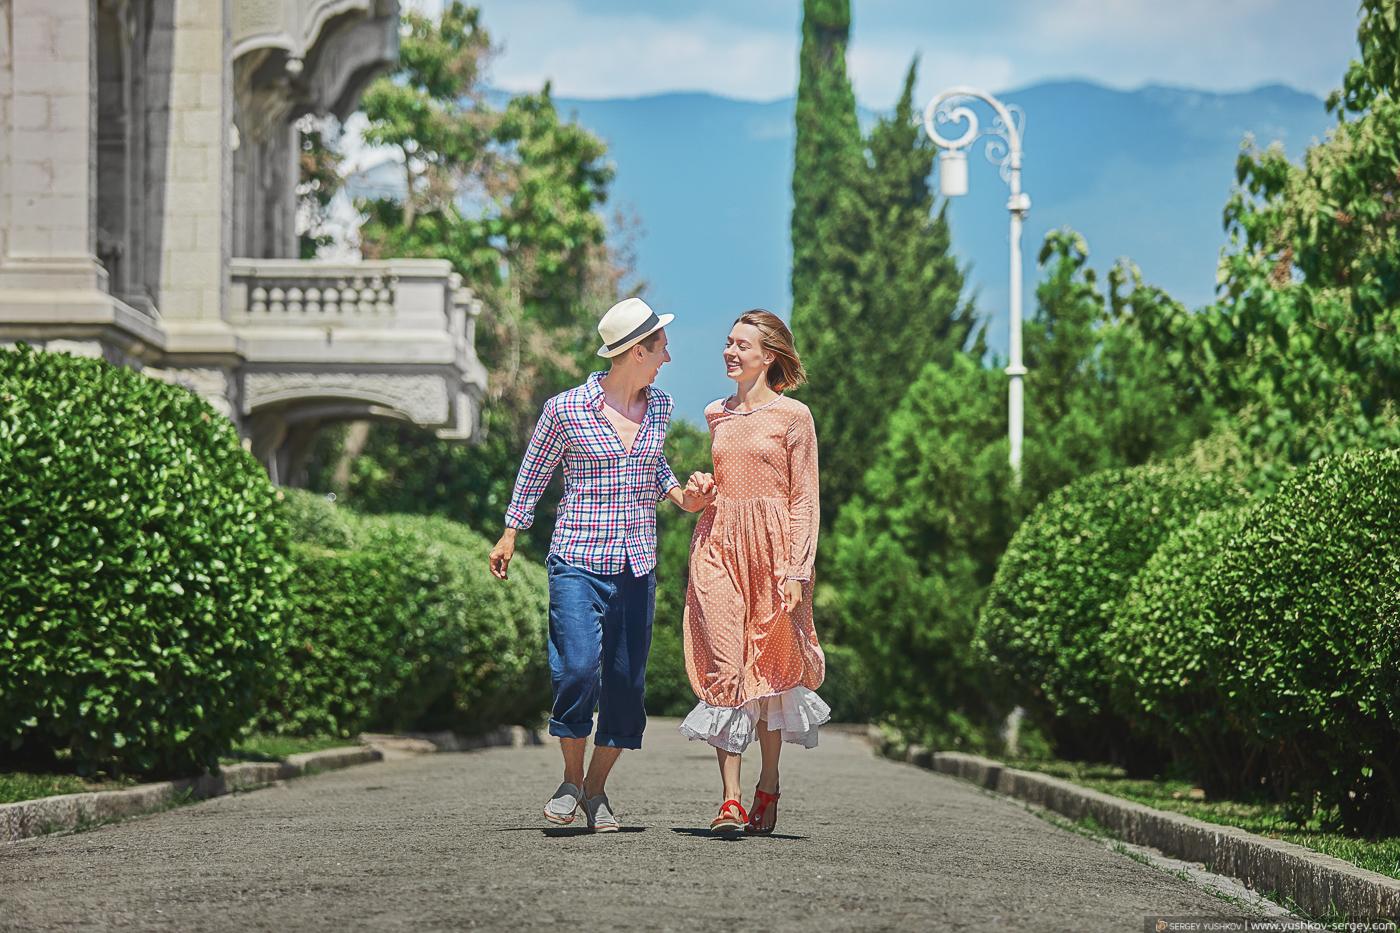 Свадьба для двоих в Крыму. Ливадийский дворец. Фотограф - Сергей Юшков.